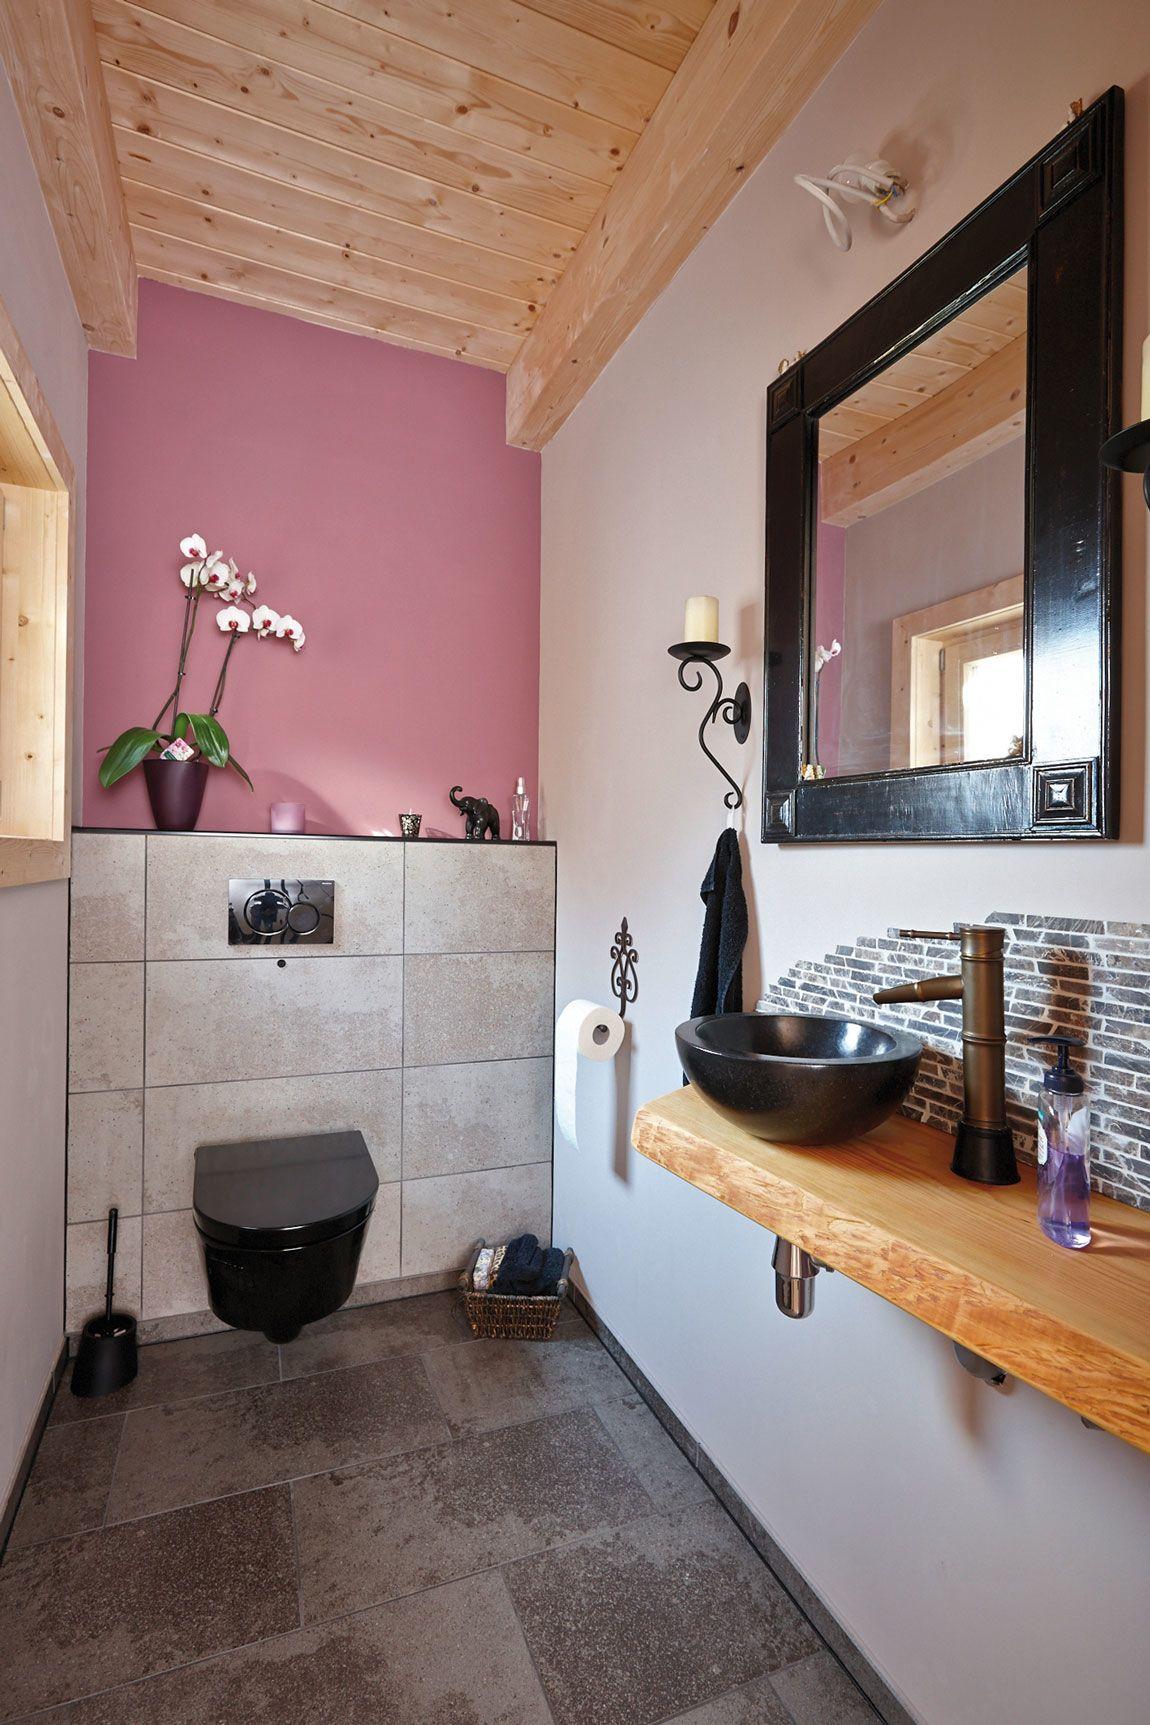 Innenansicht WC/Toilette in einem Haus gebaut mit der Holzmauer